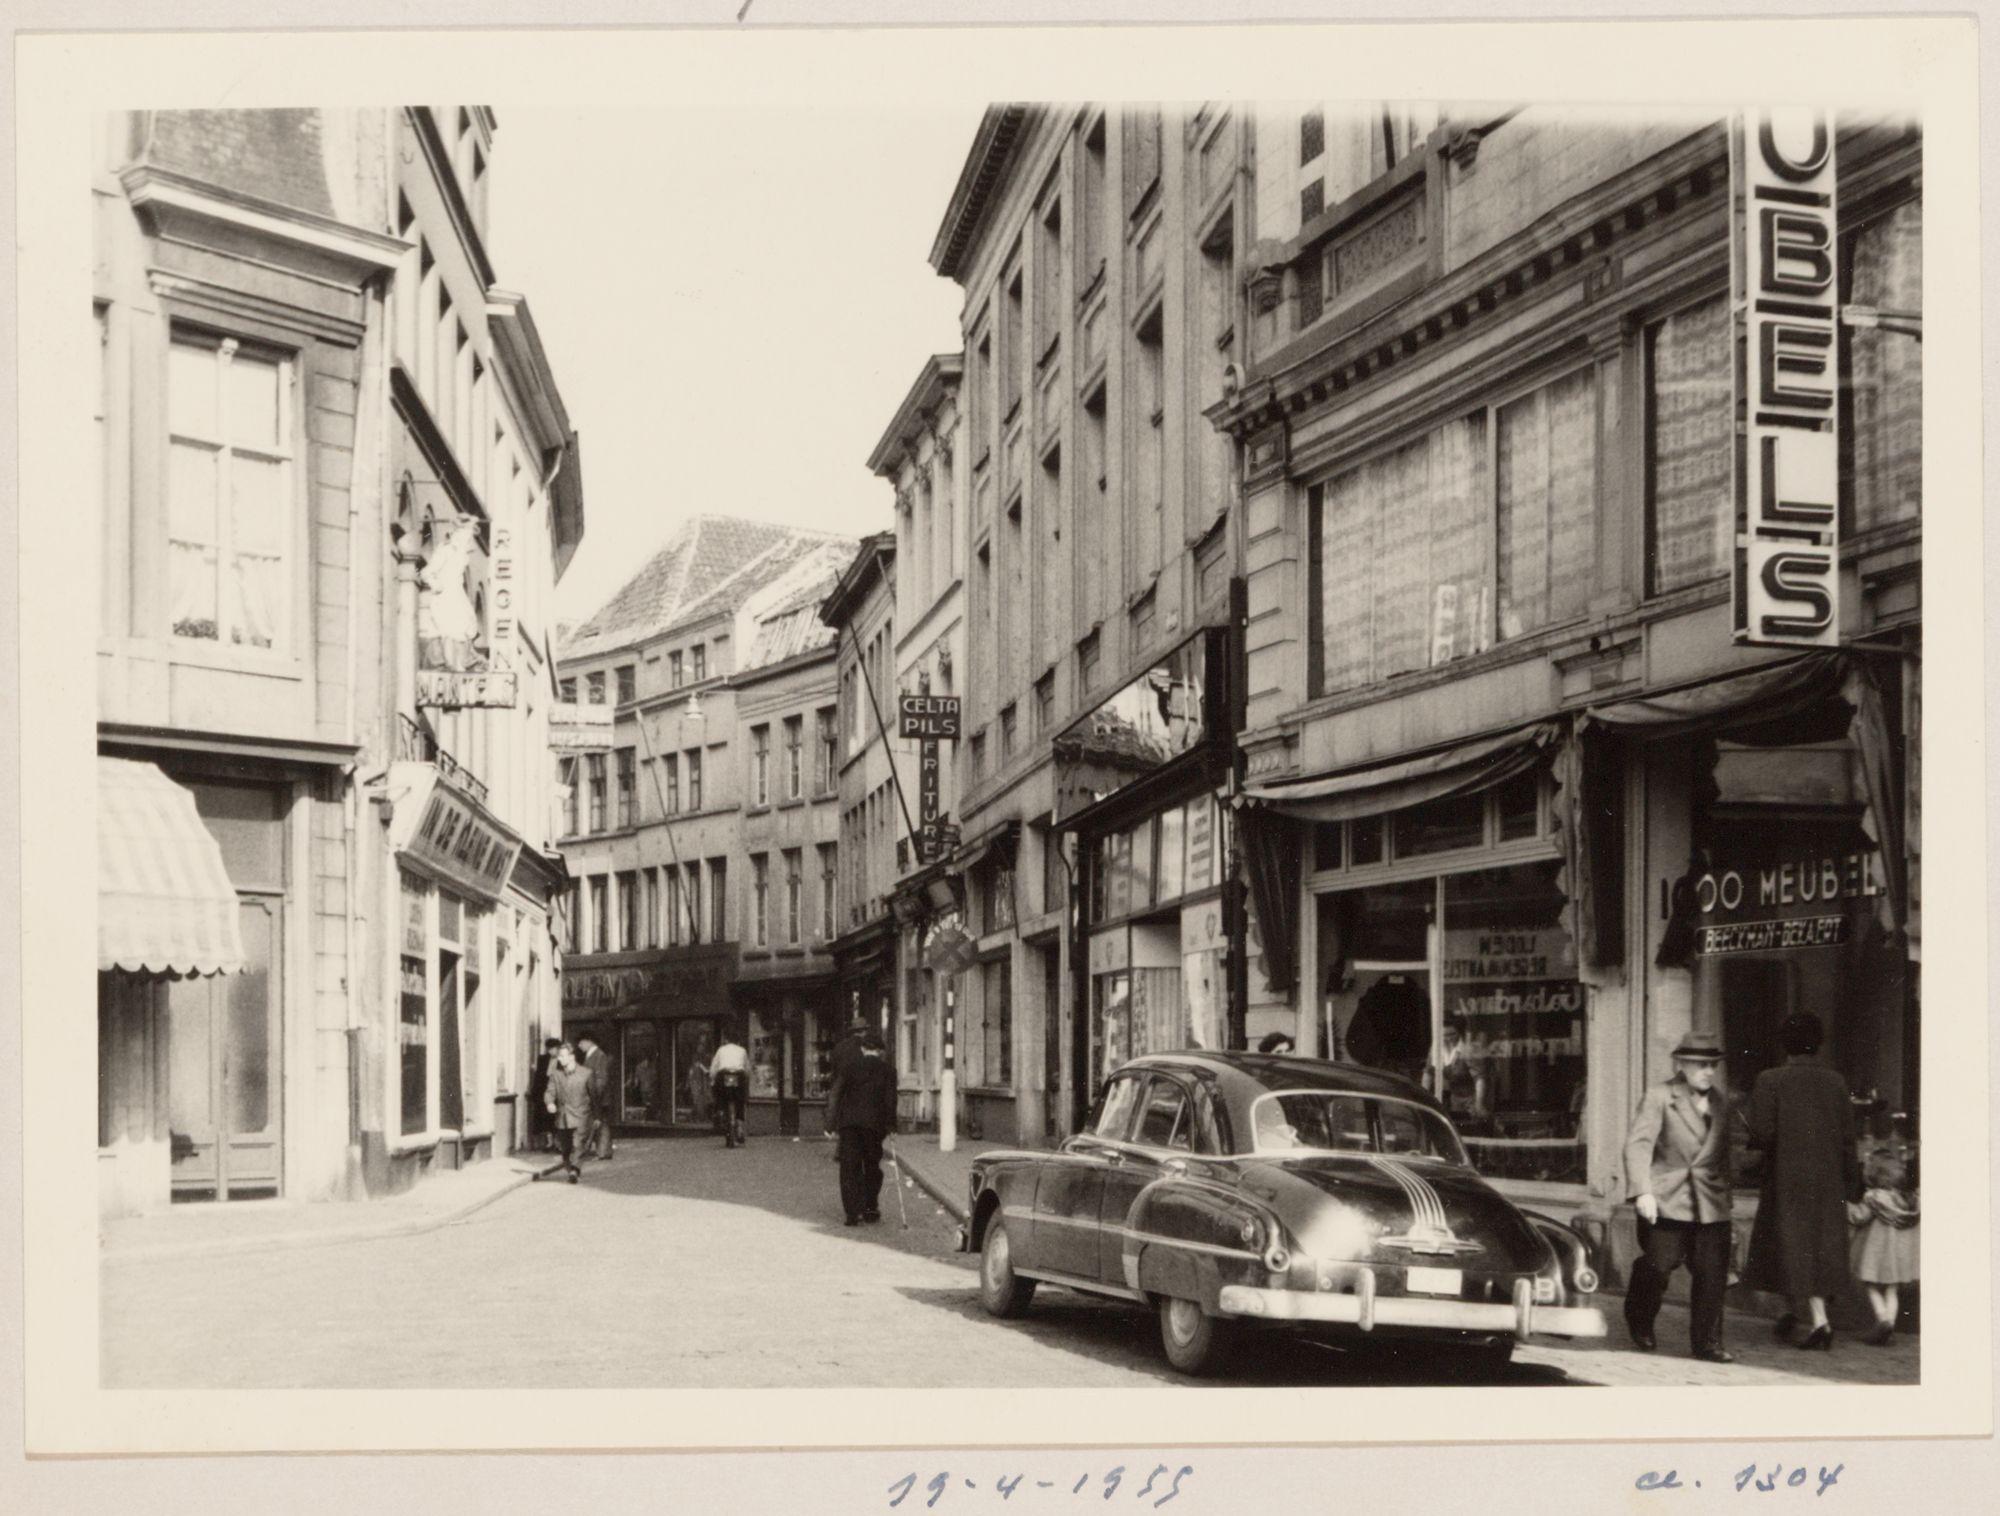 Gent - de donkersteeg 1955